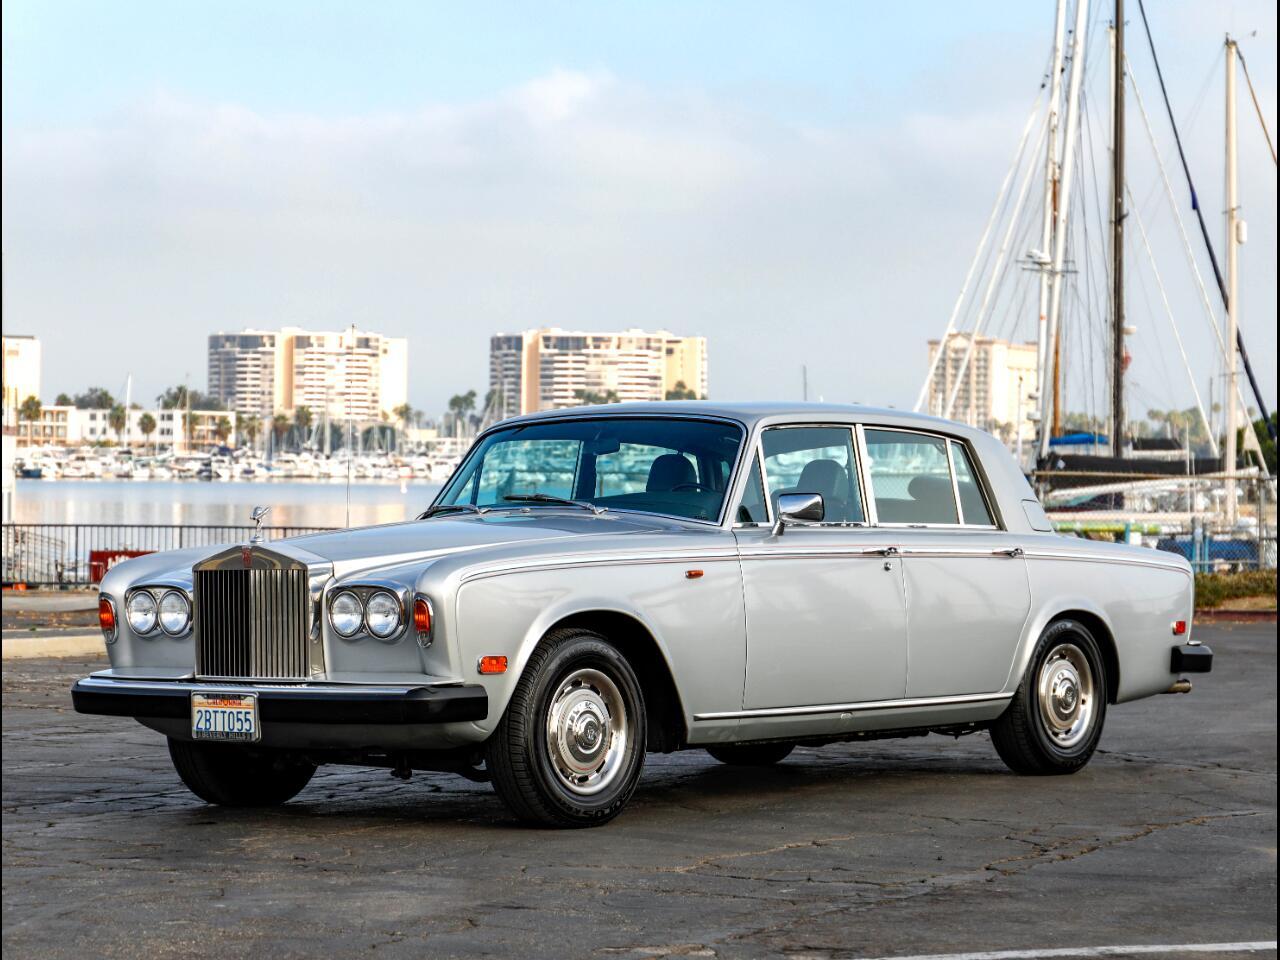 1979 Rolls-Royce Silver Shadow II 75th Anniversary Edition